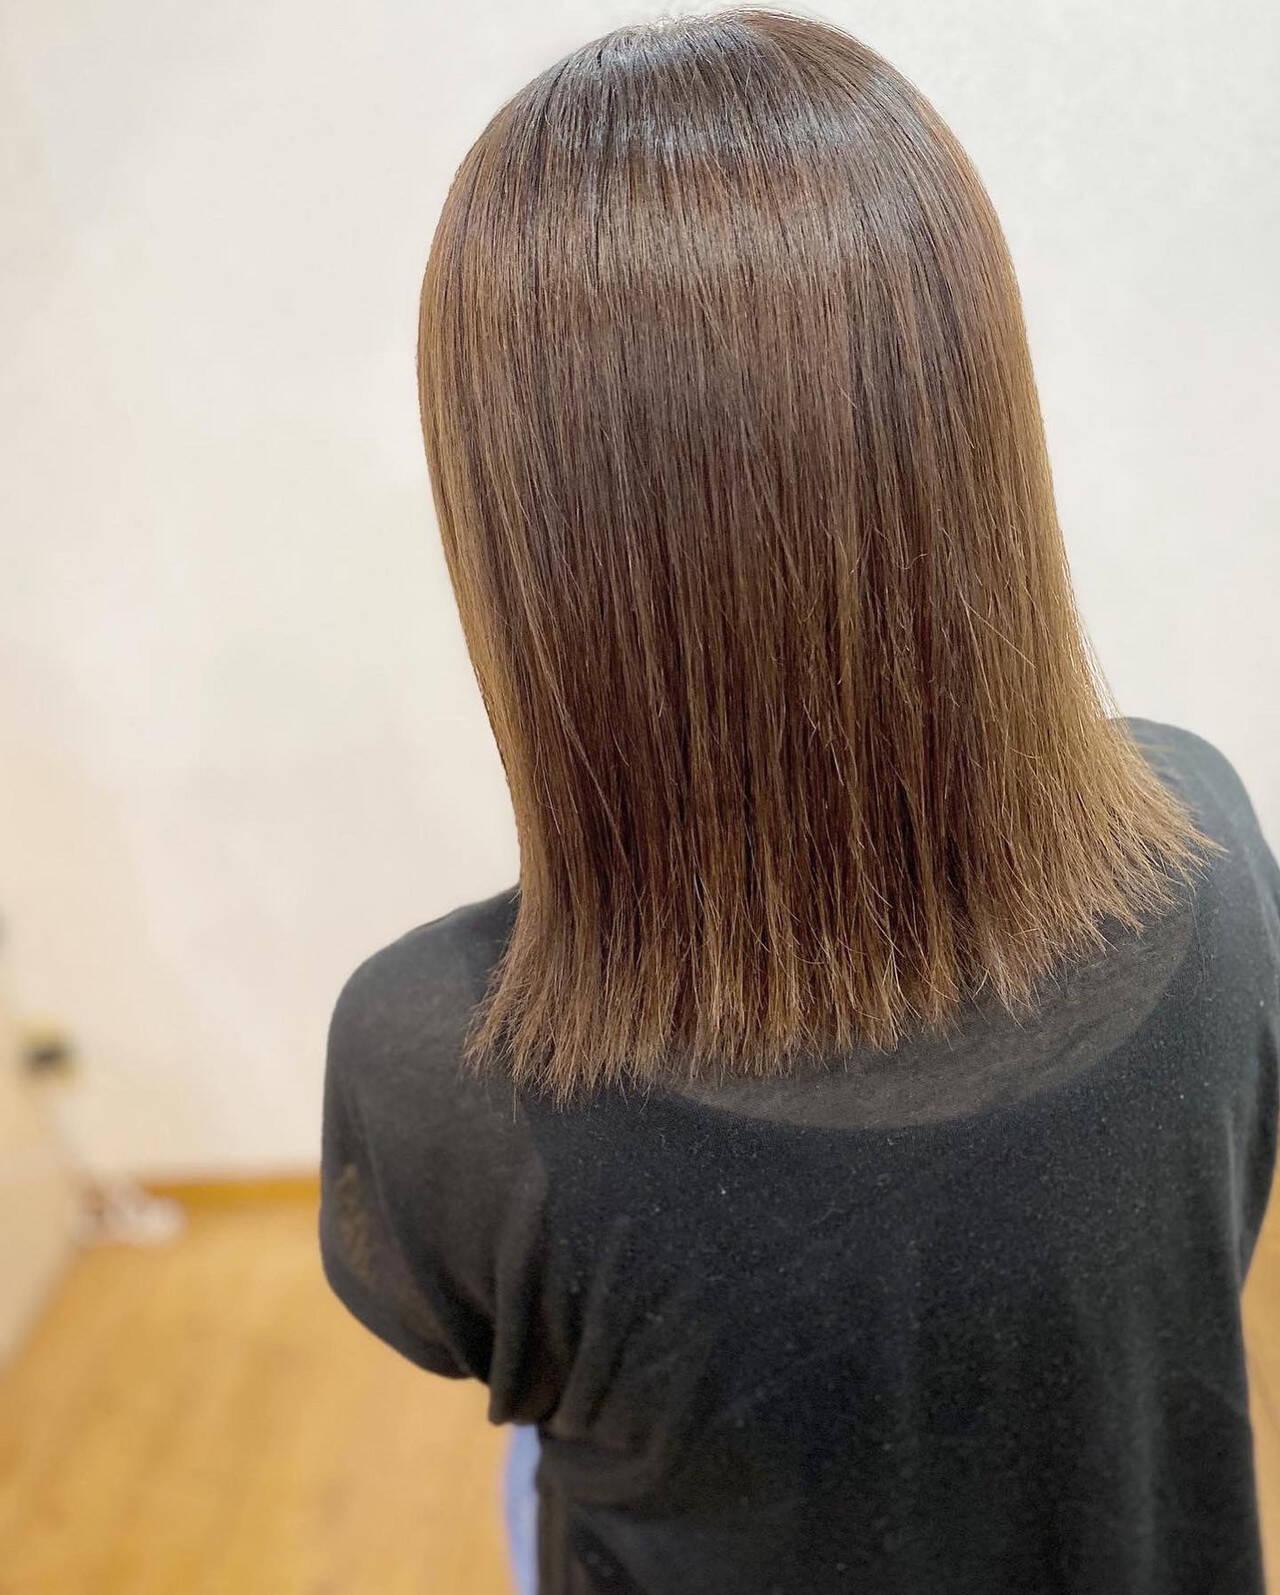 外ハネボブ 髪質改善 縮毛矯正 グレージュヘアスタイルや髪型の写真・画像